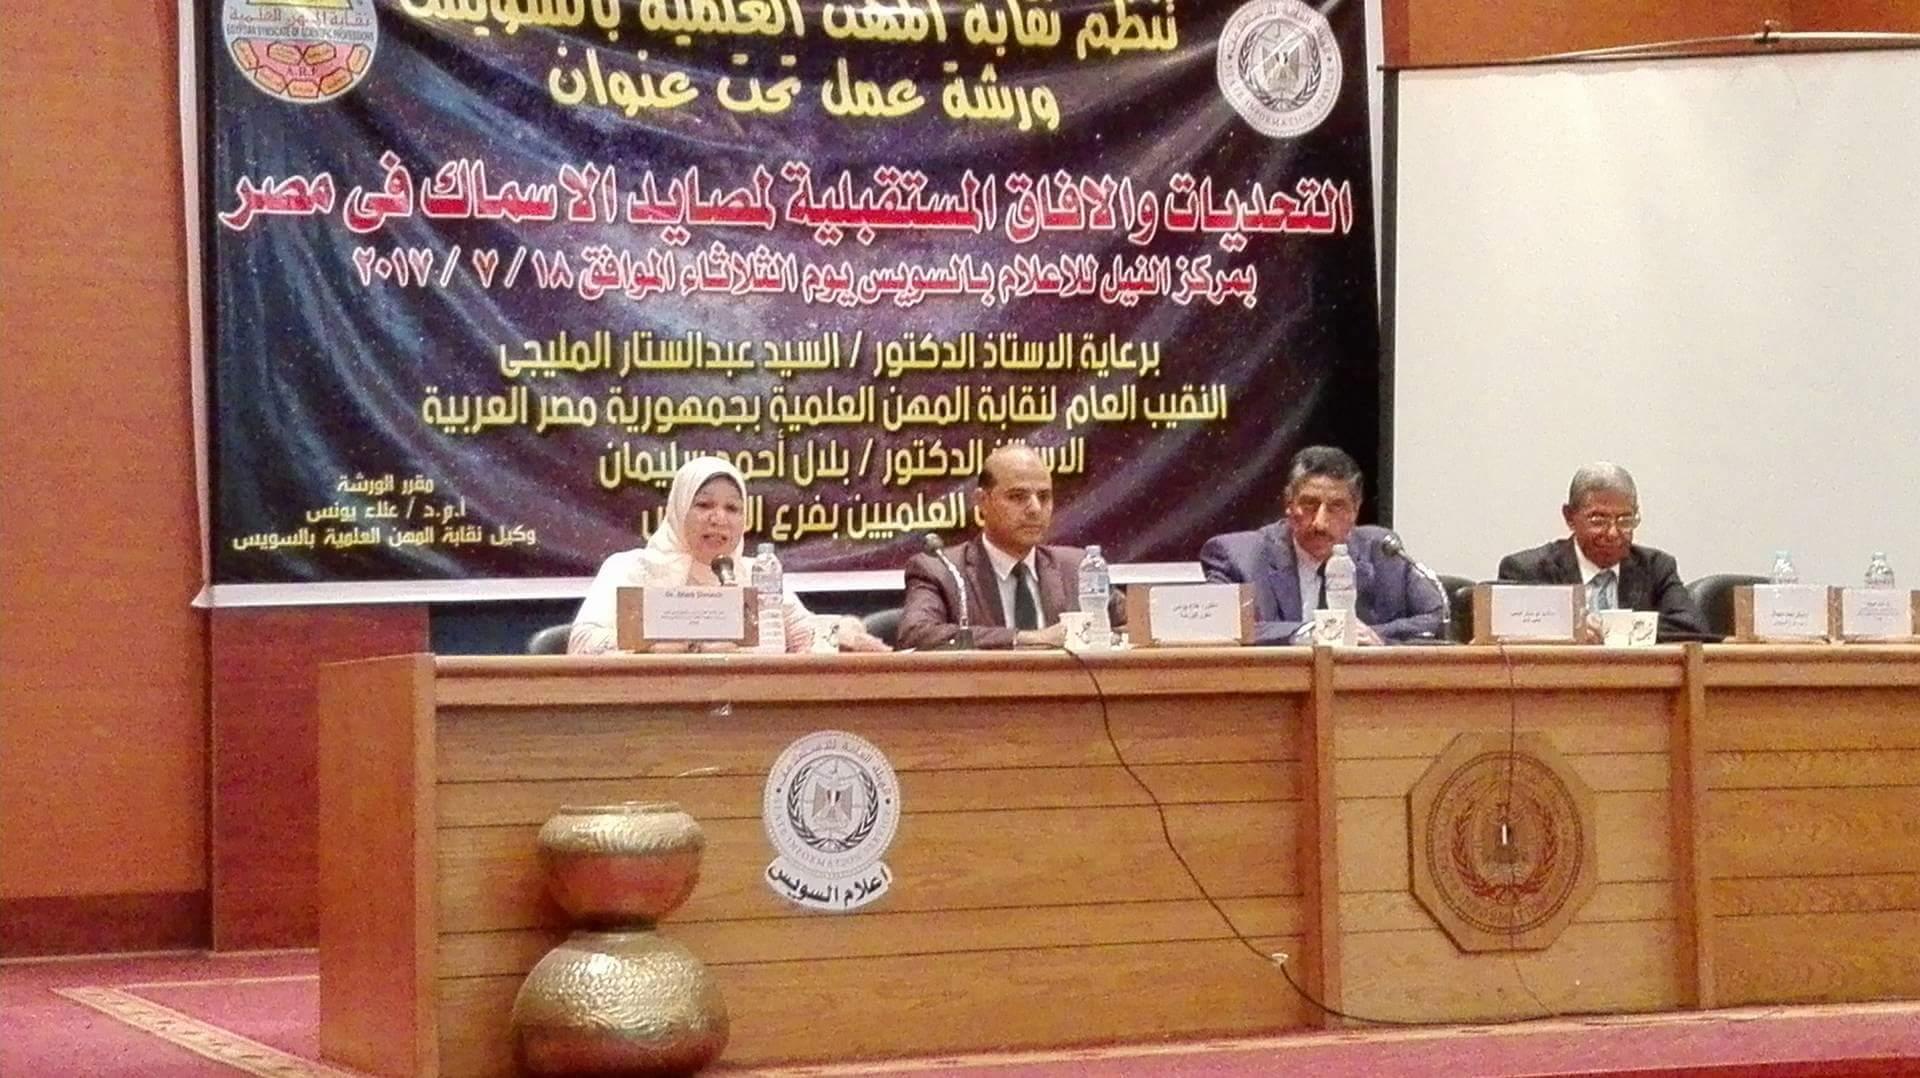 ندوة ثقافية وورشة عمل حول  التحديات والأفاق المستقبلية لمصايد الصيد في مصر